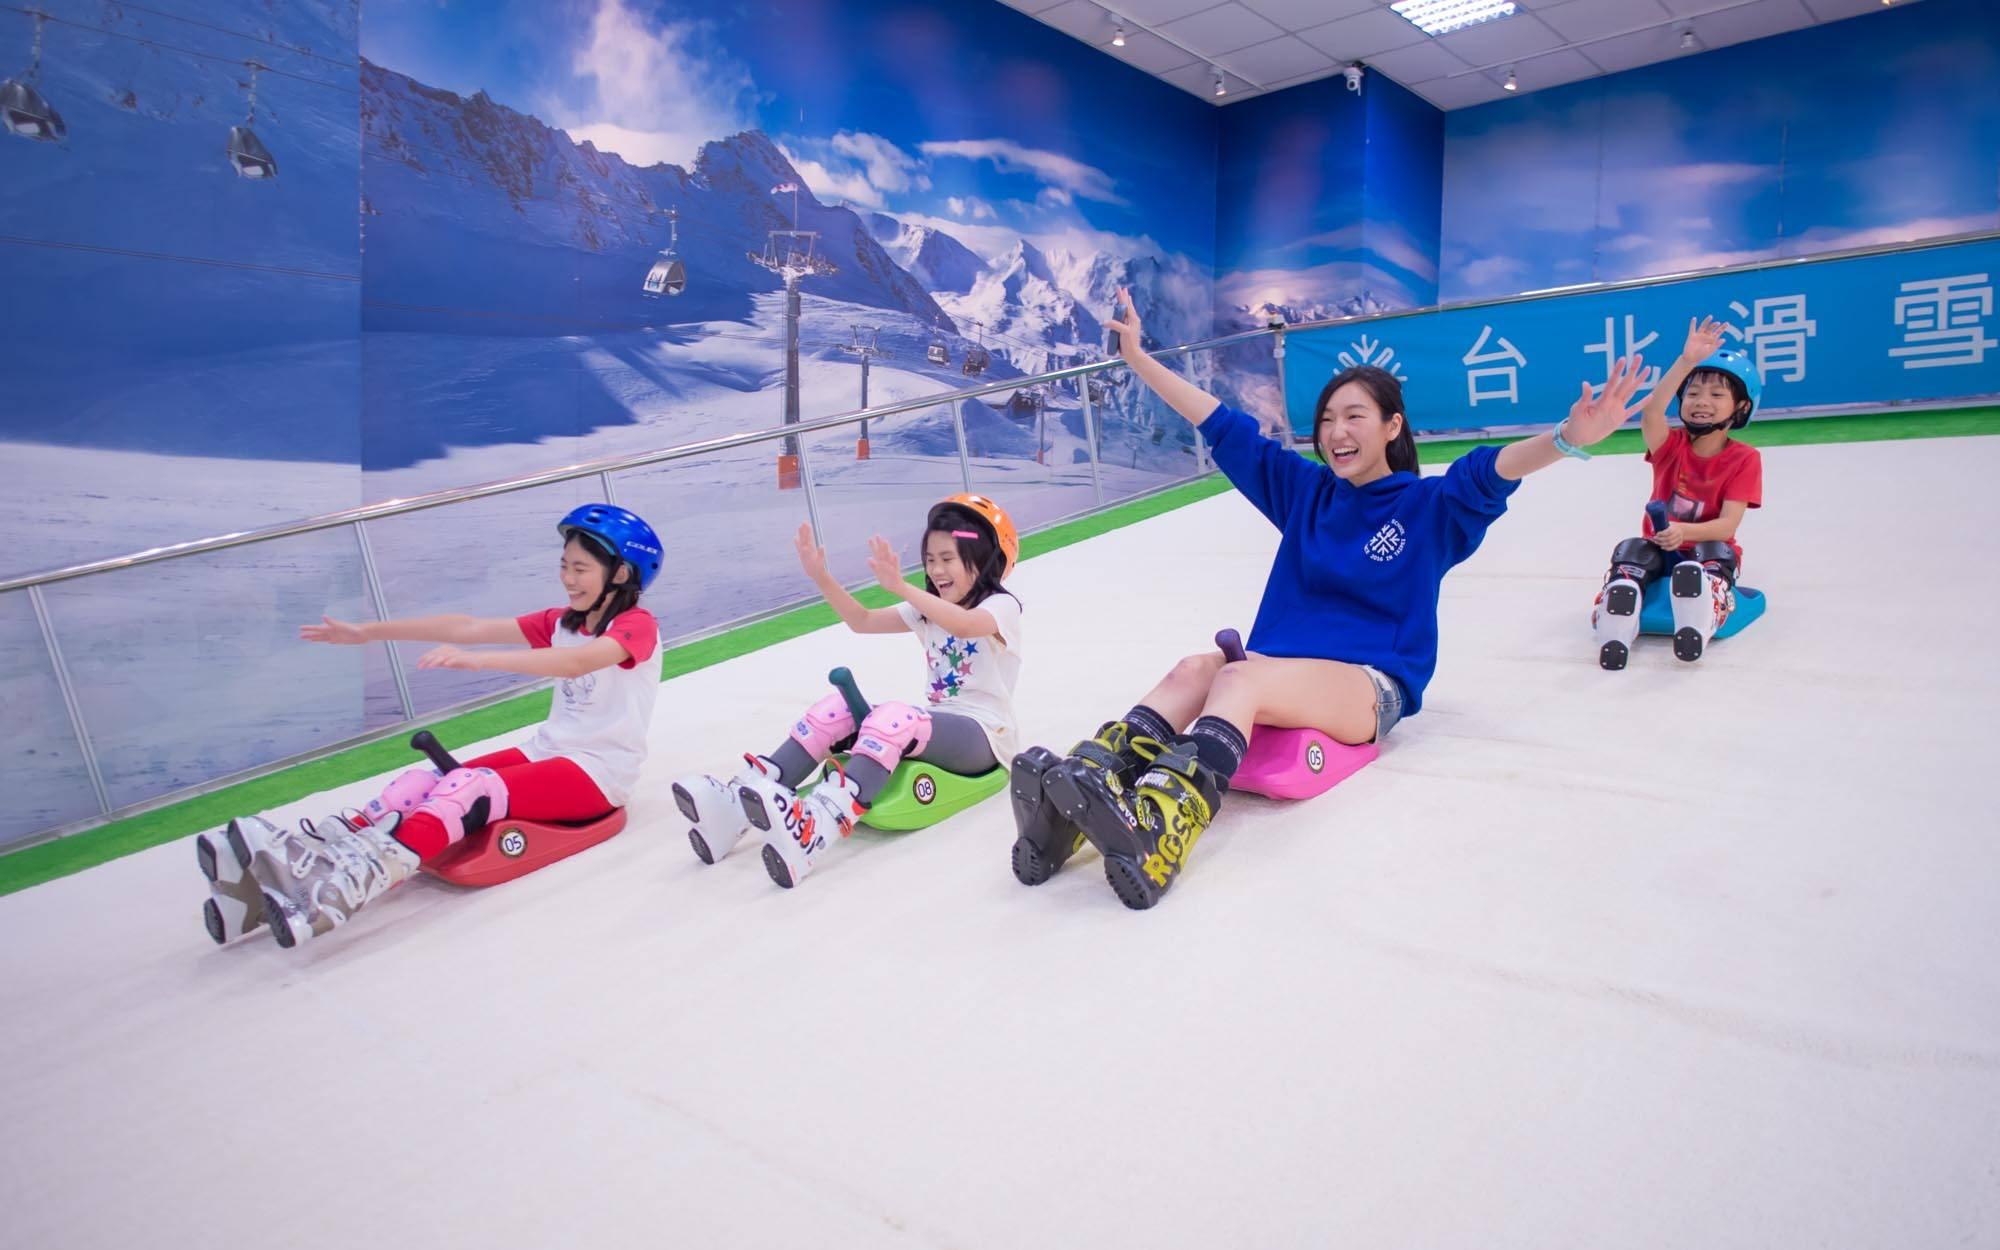 滑雪帶來幸福